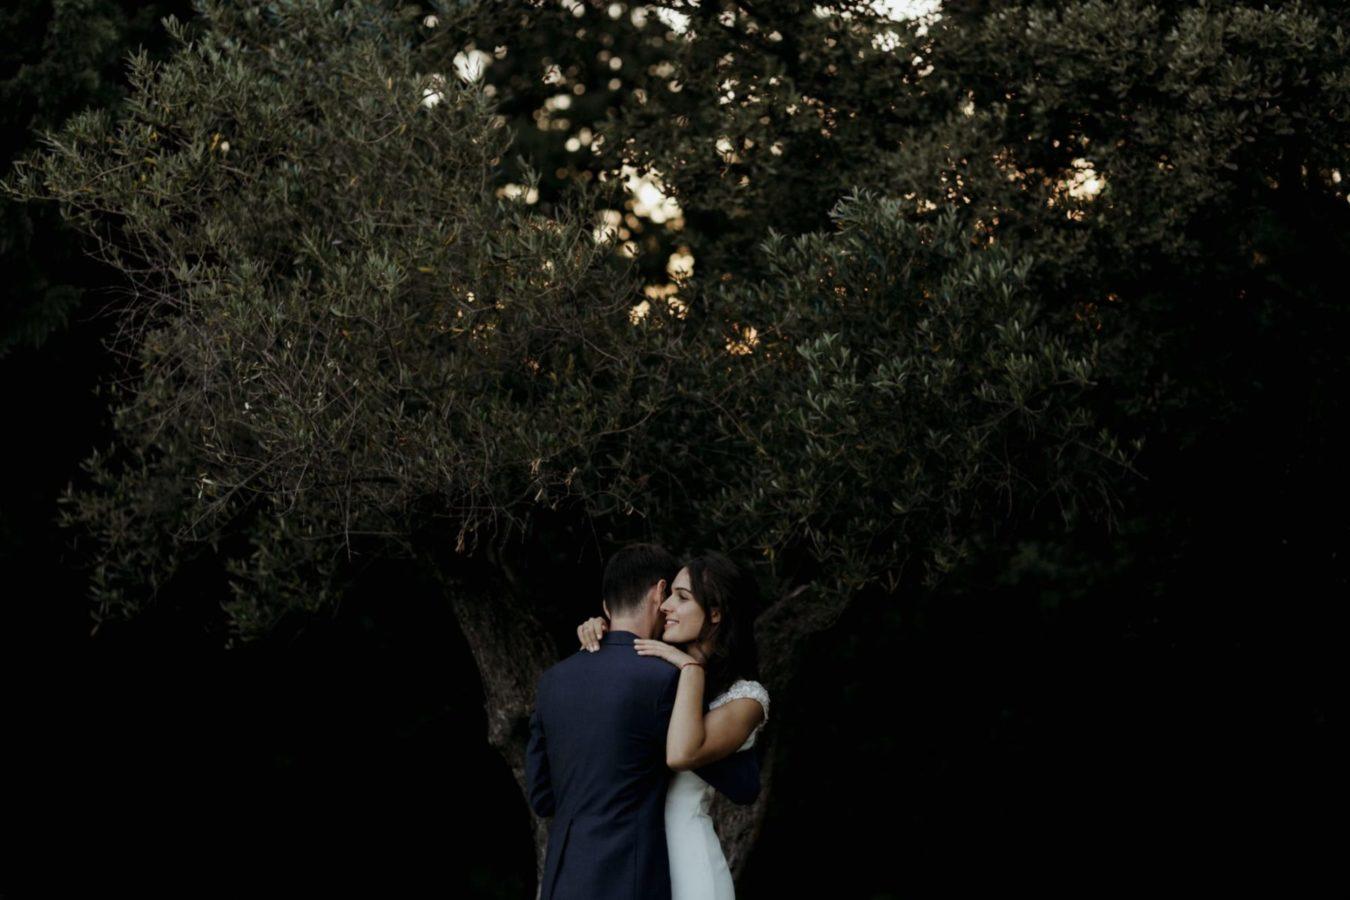 Capyture - Photographe de mariage en Suisse et en Europe